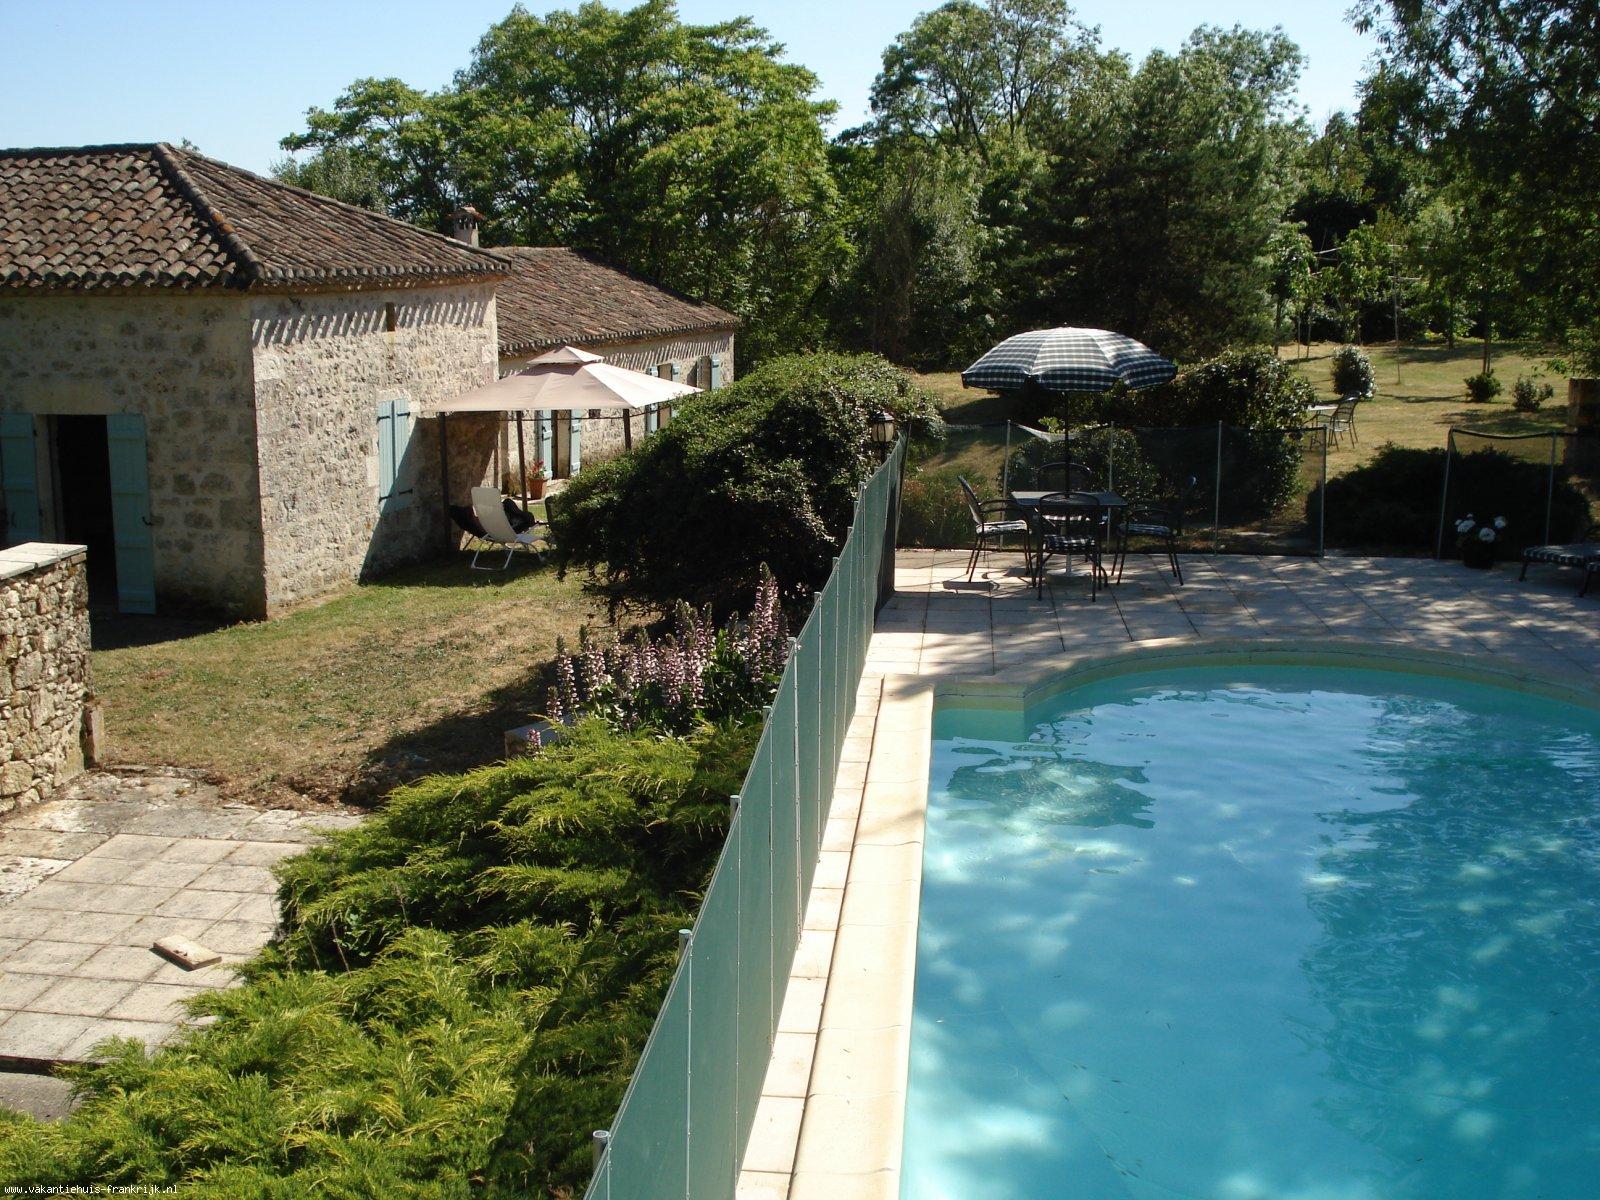 Vakantiehuis: Welkom in het land van Pruimen en Foie Gras! te huur voor uw vakantie in Lot et Garonne (Frankrijk)